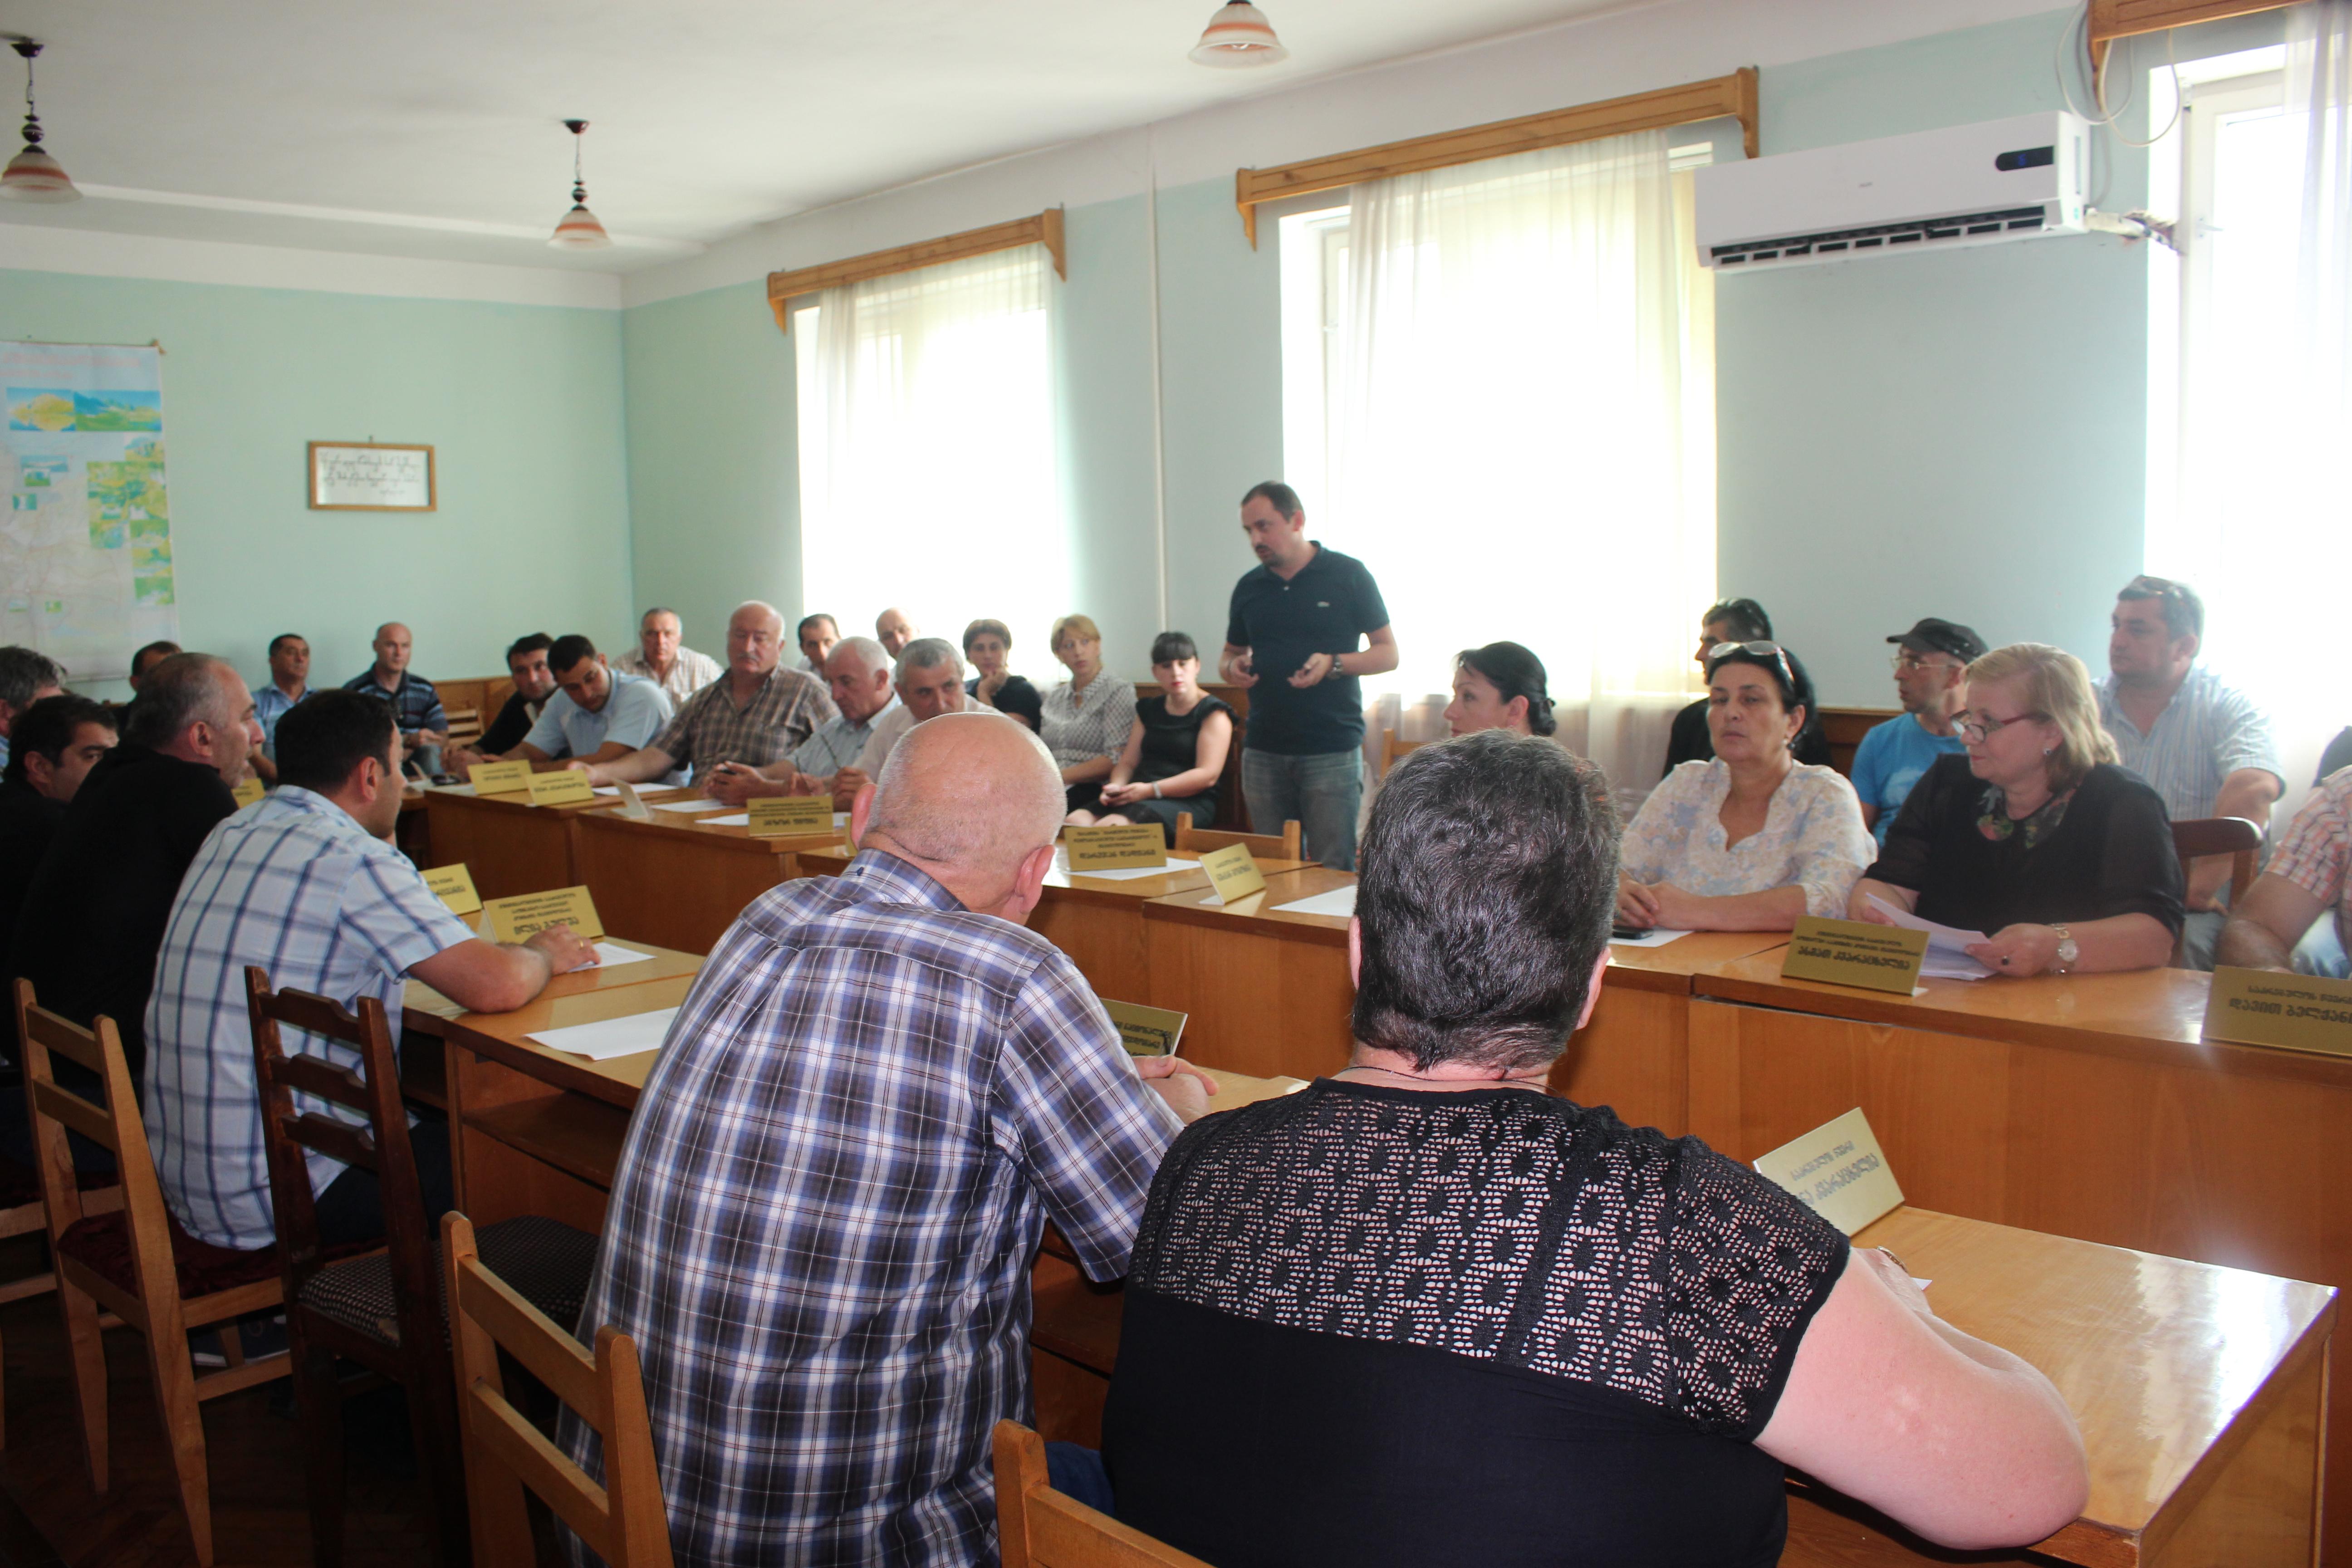 პრეცედენტი წალენჯიხის მუნიციპალიტეტის საკრებულოში - თვითმმართველობამ მოქალაქეების მიერ ინიცირებული პეტიციების განხილვა დაიწყო